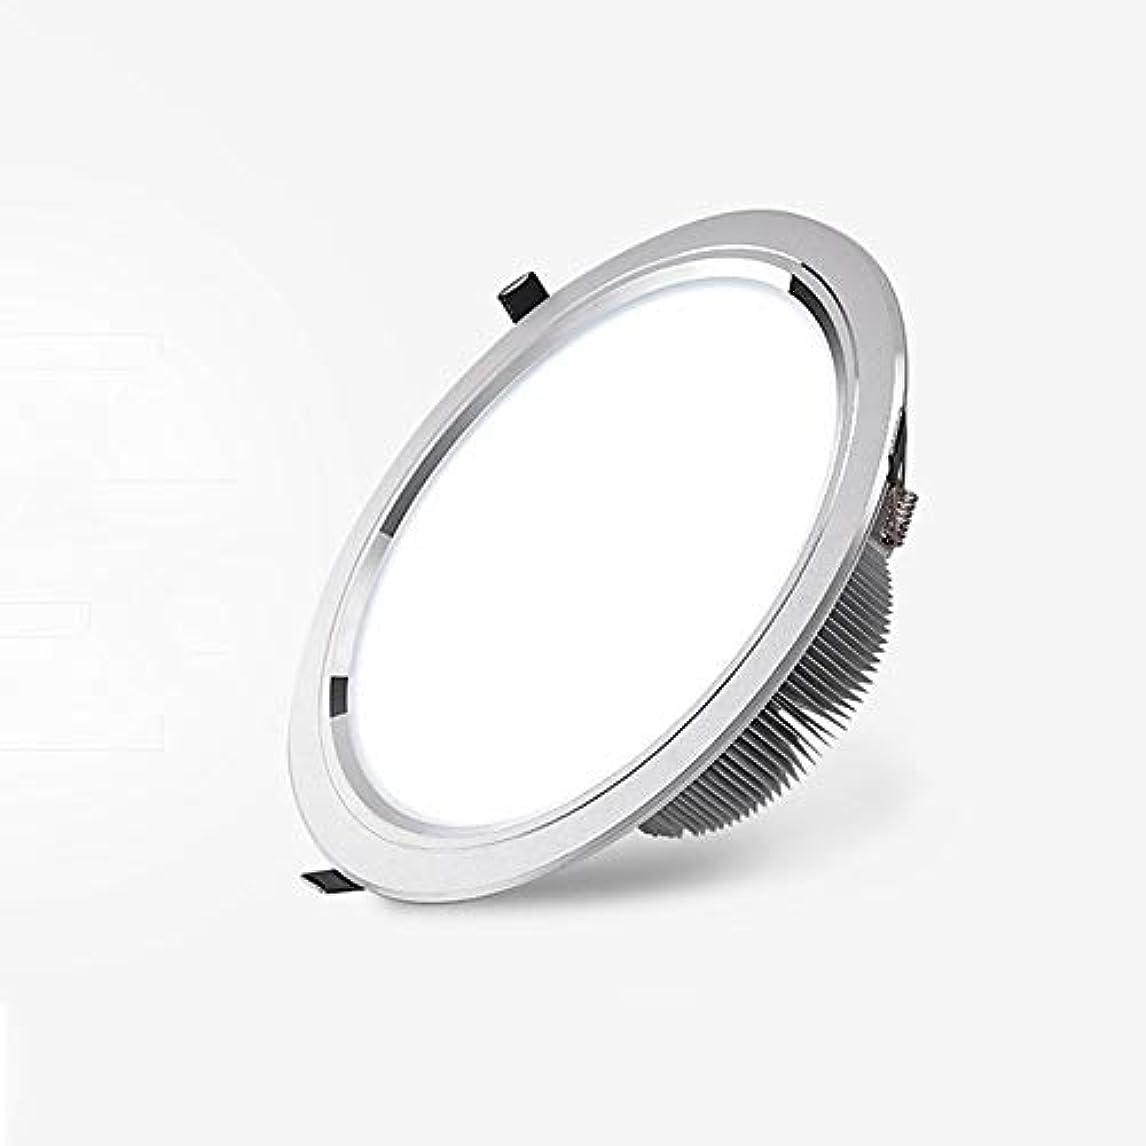 対シンポジウム音声Lyuez LEDウォールは、環境保護や省エネアイスポットライトのエネルギー消費のダウンライトを内蔵シーリングライトCOB超薄型ダウンライトを開く5W無料のマウント (Size : 15w)